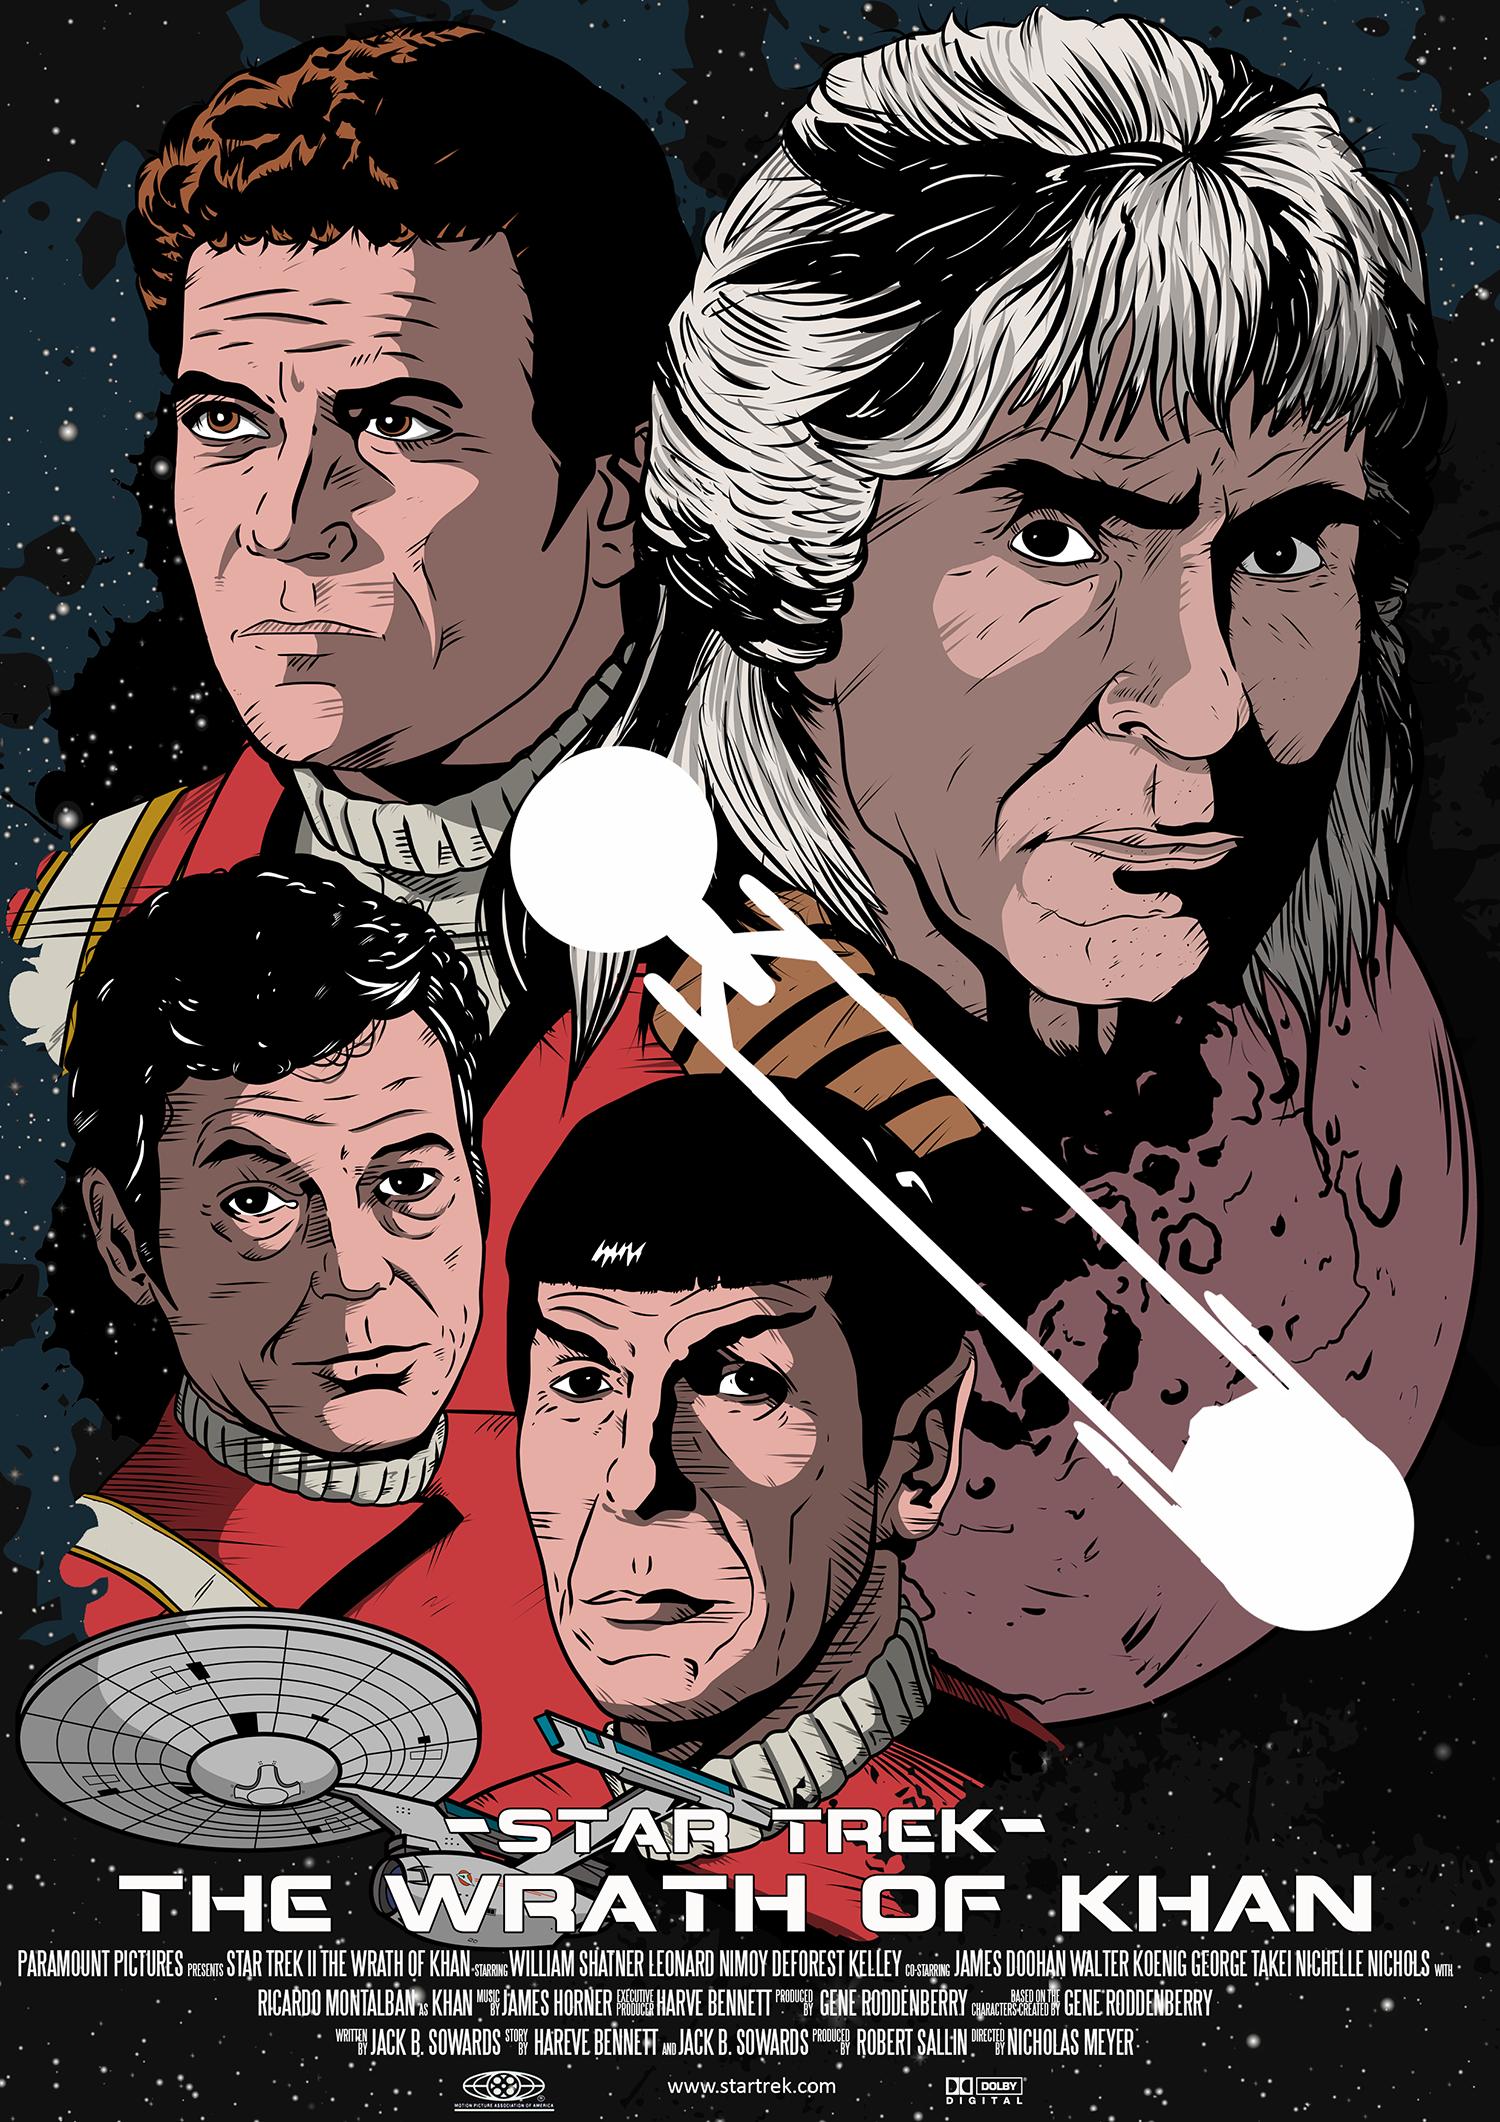 star trek ii wrath of khan poster by davemilburn on deviantart